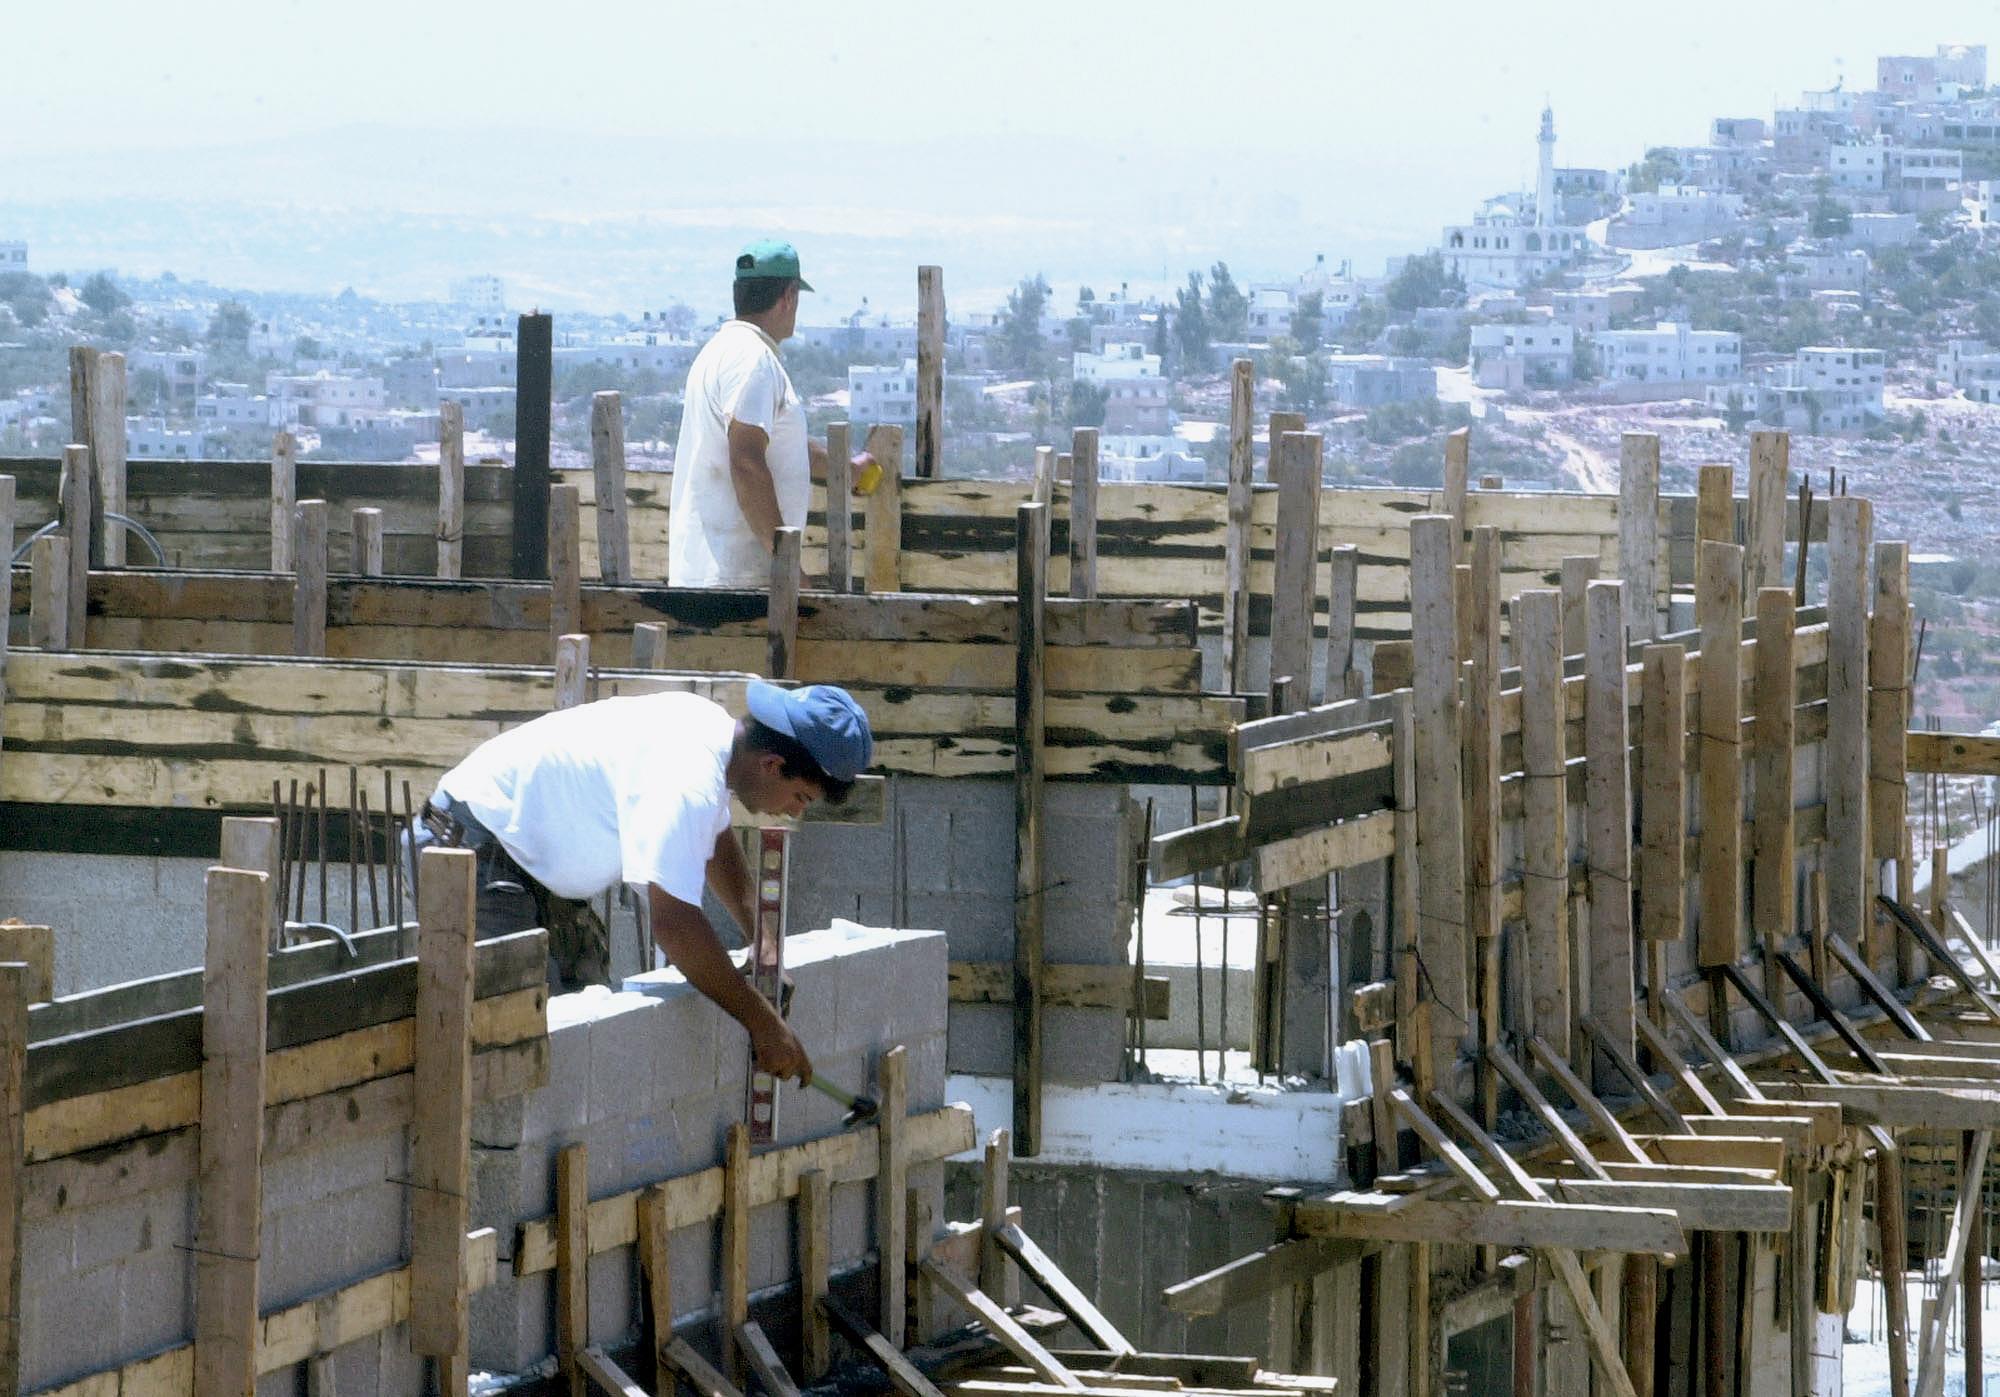 Μειώθηκαν κατά 2,7% οι τιμές στα οικοδομικά υλικά τον Μάιο | tovima.gr